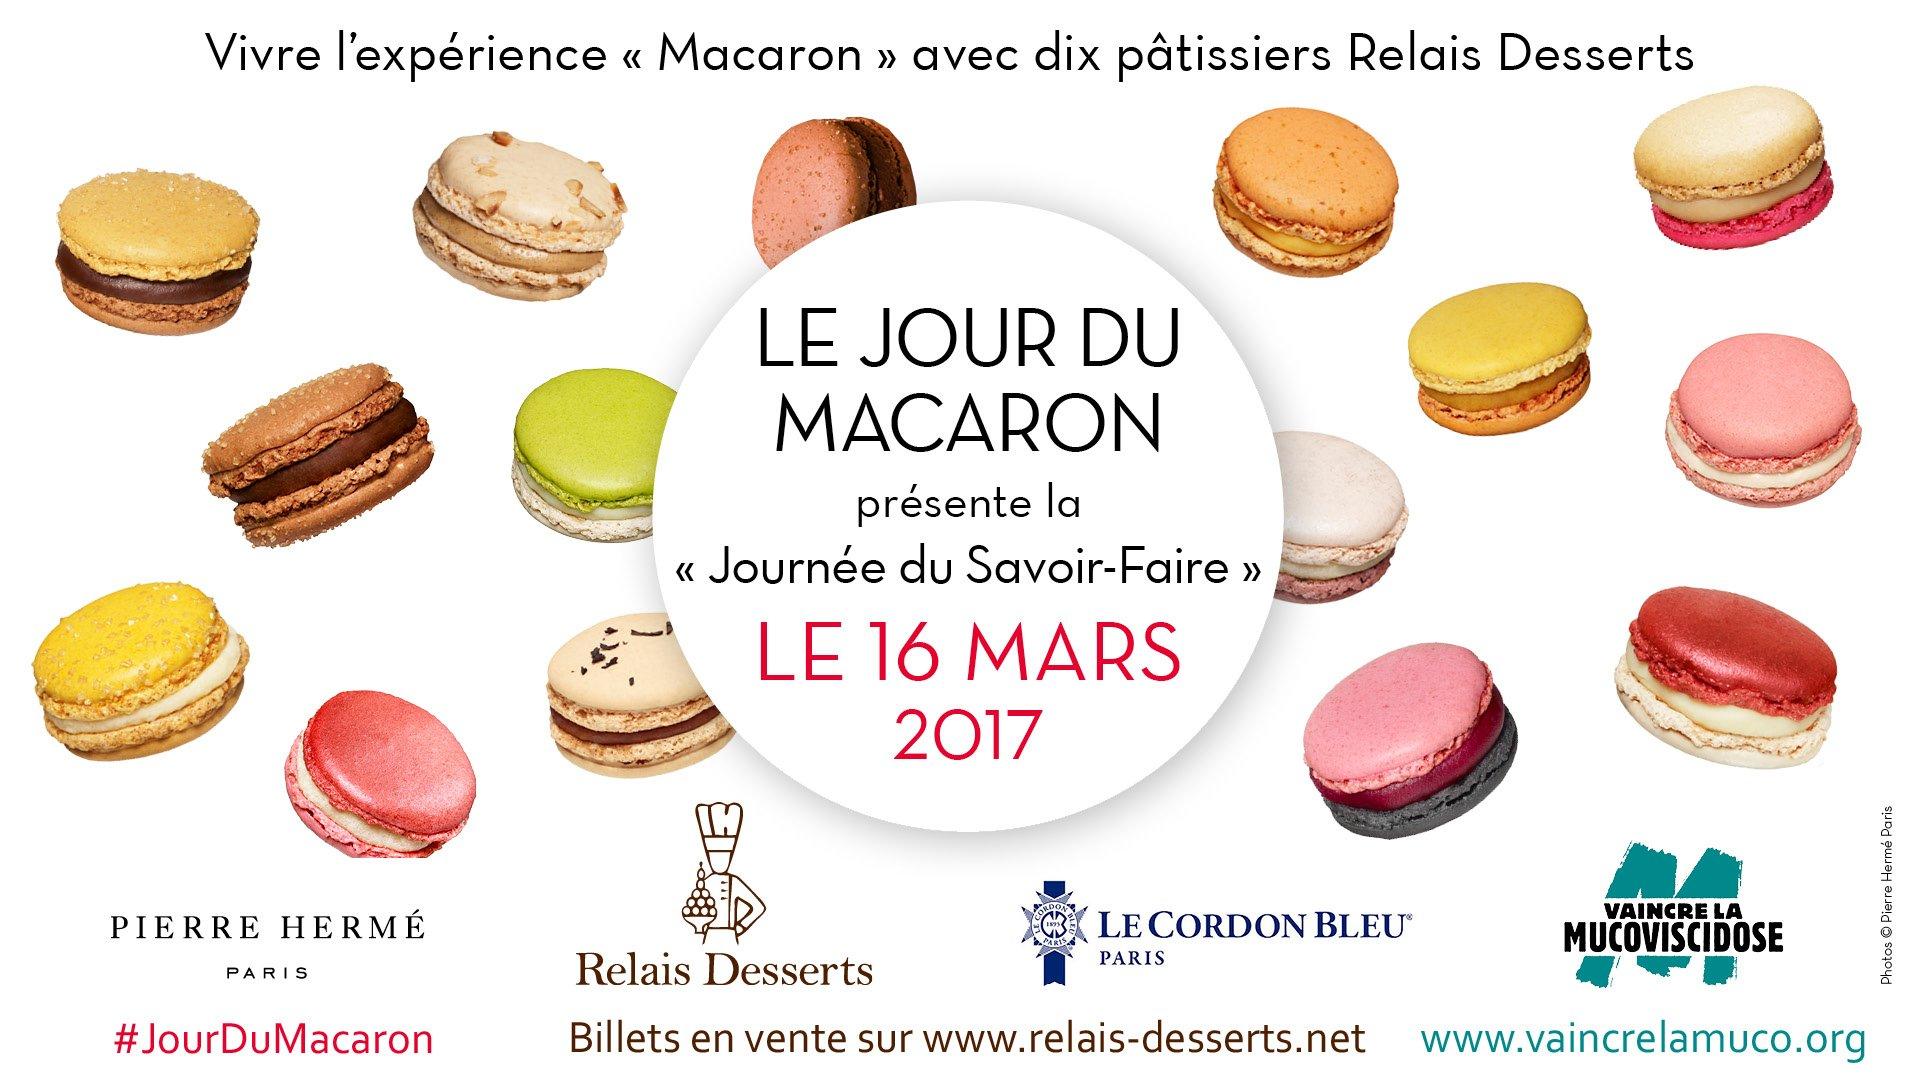 Jour du macaron 2017 Pierre Hermé Relais Desserts Le Cordon Bleu Paris